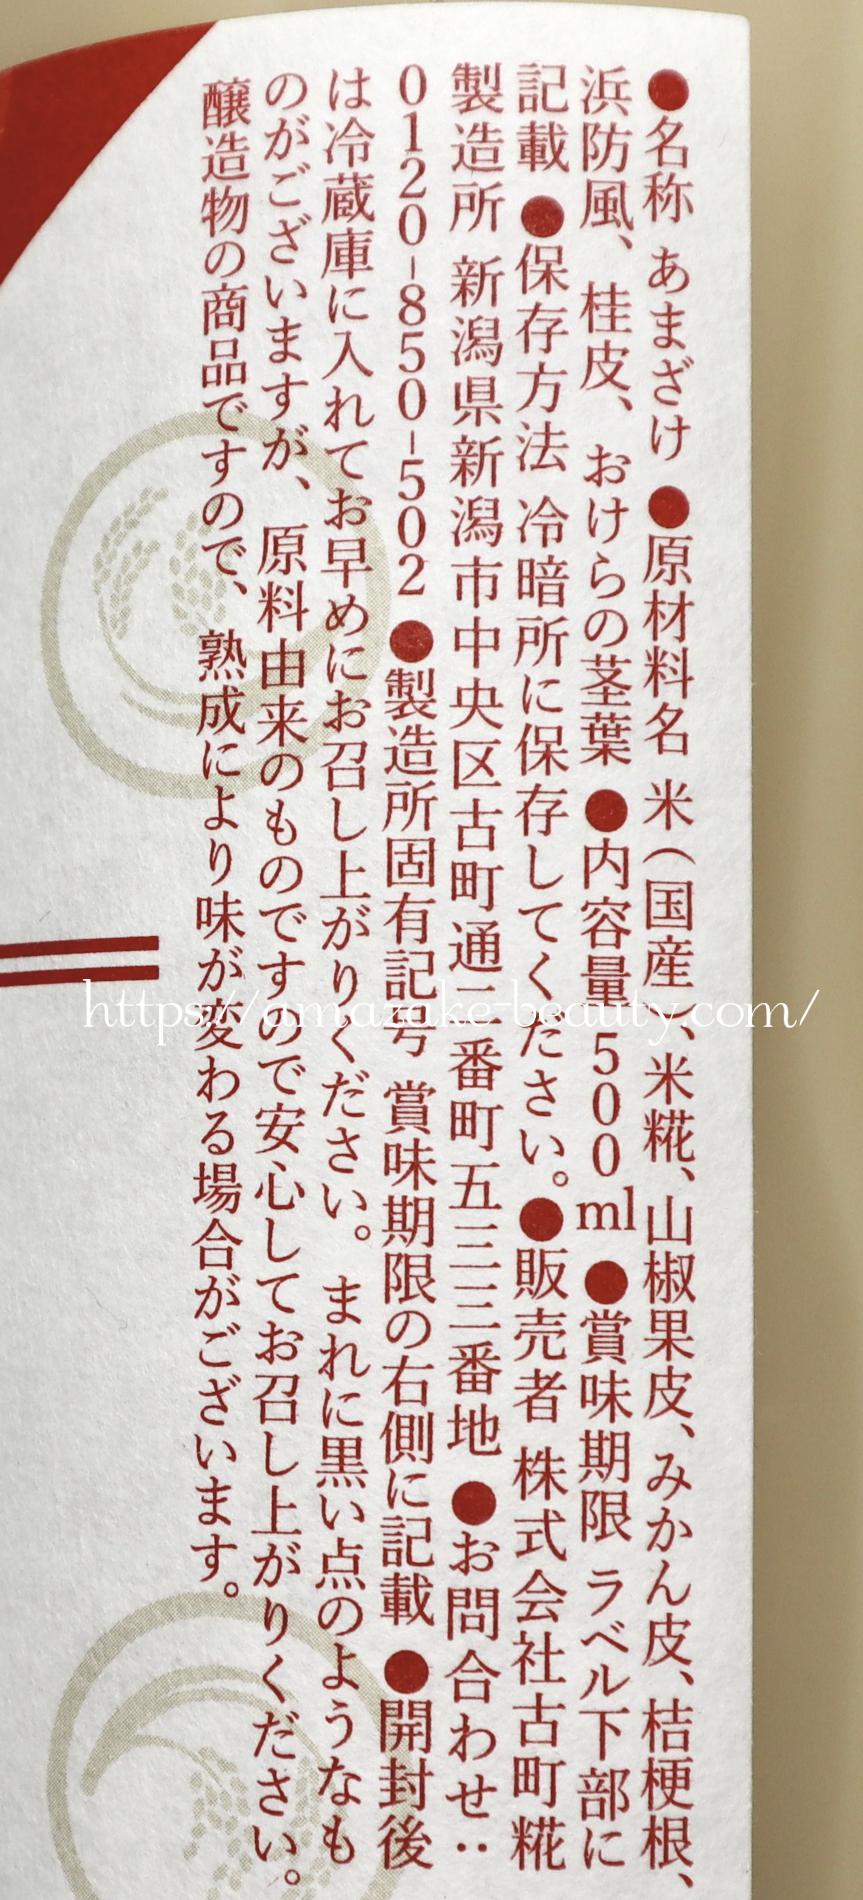 [amazake]furumachikoujiseizosho[koji・otoso](product description)